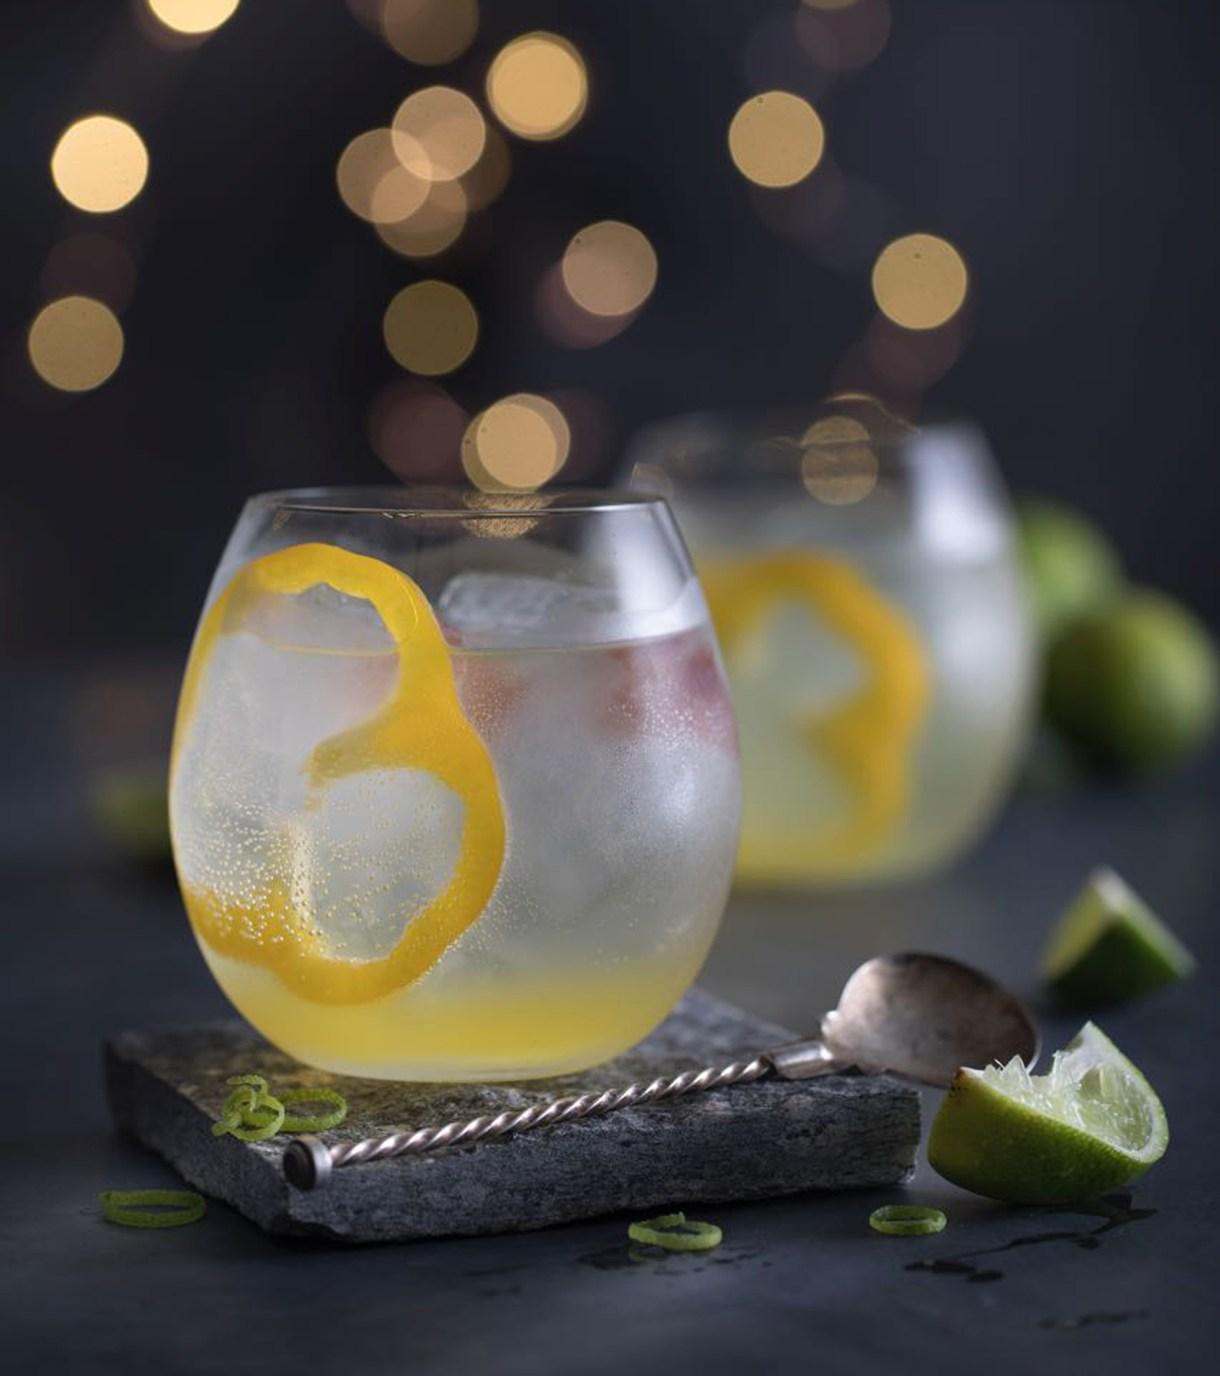 Para elaborar un gin tonic, el secreto es comprar un buen gin para que quede delicioso mezclado con los otros ingredientes